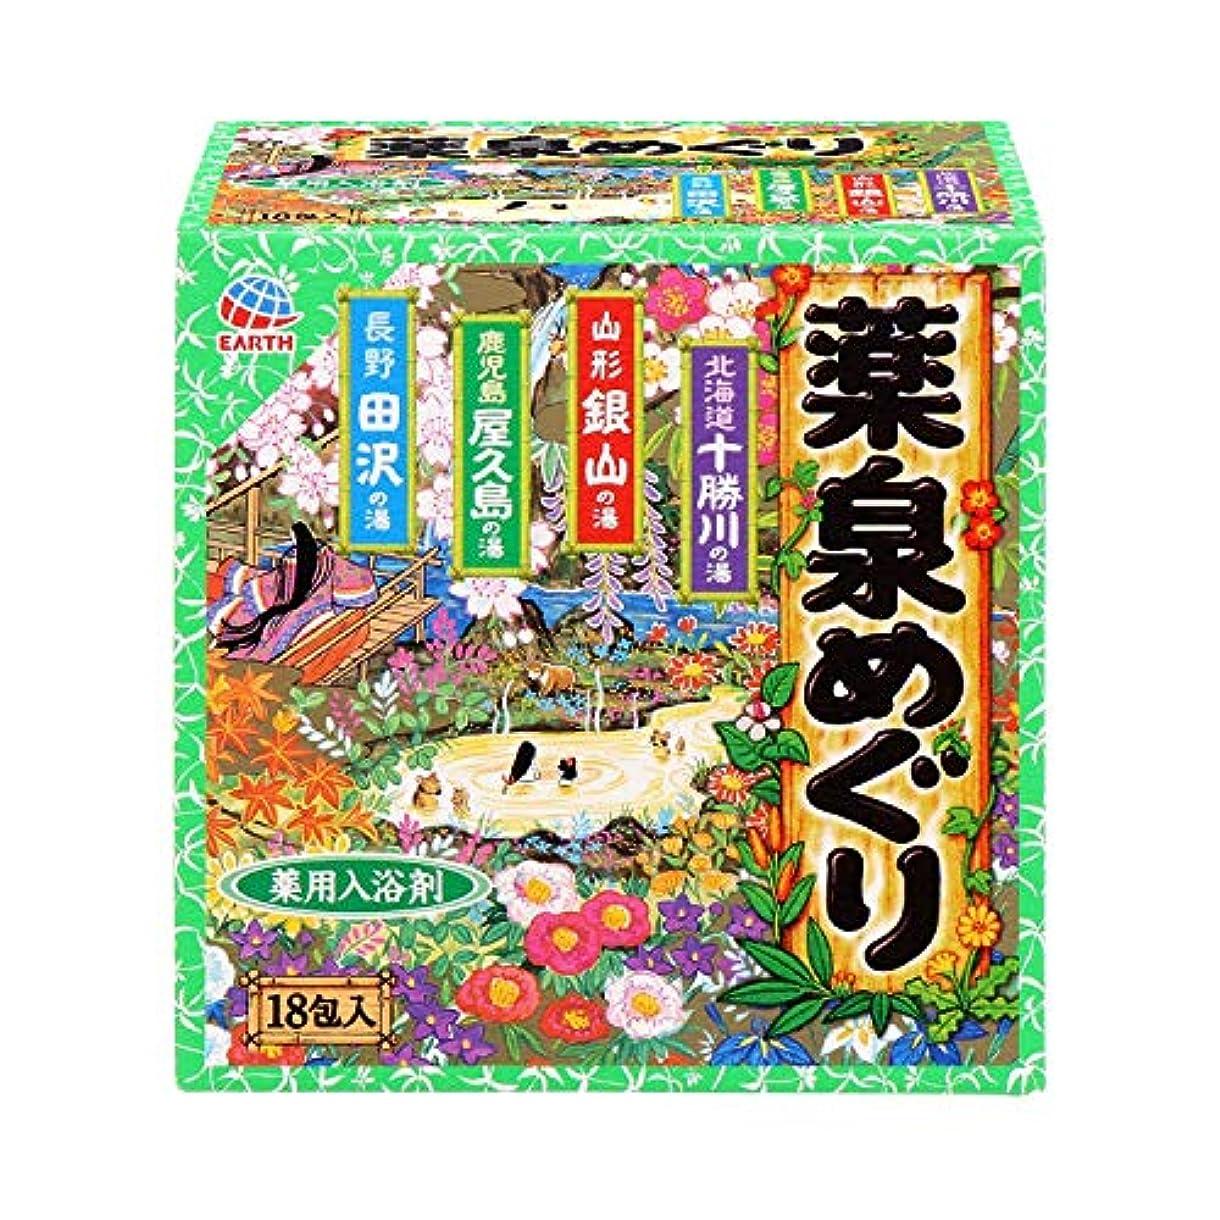 露出度の高い馬鹿げたネコ【アース製薬】薬泉めぐり 540g(30g*18包) ×20個セット